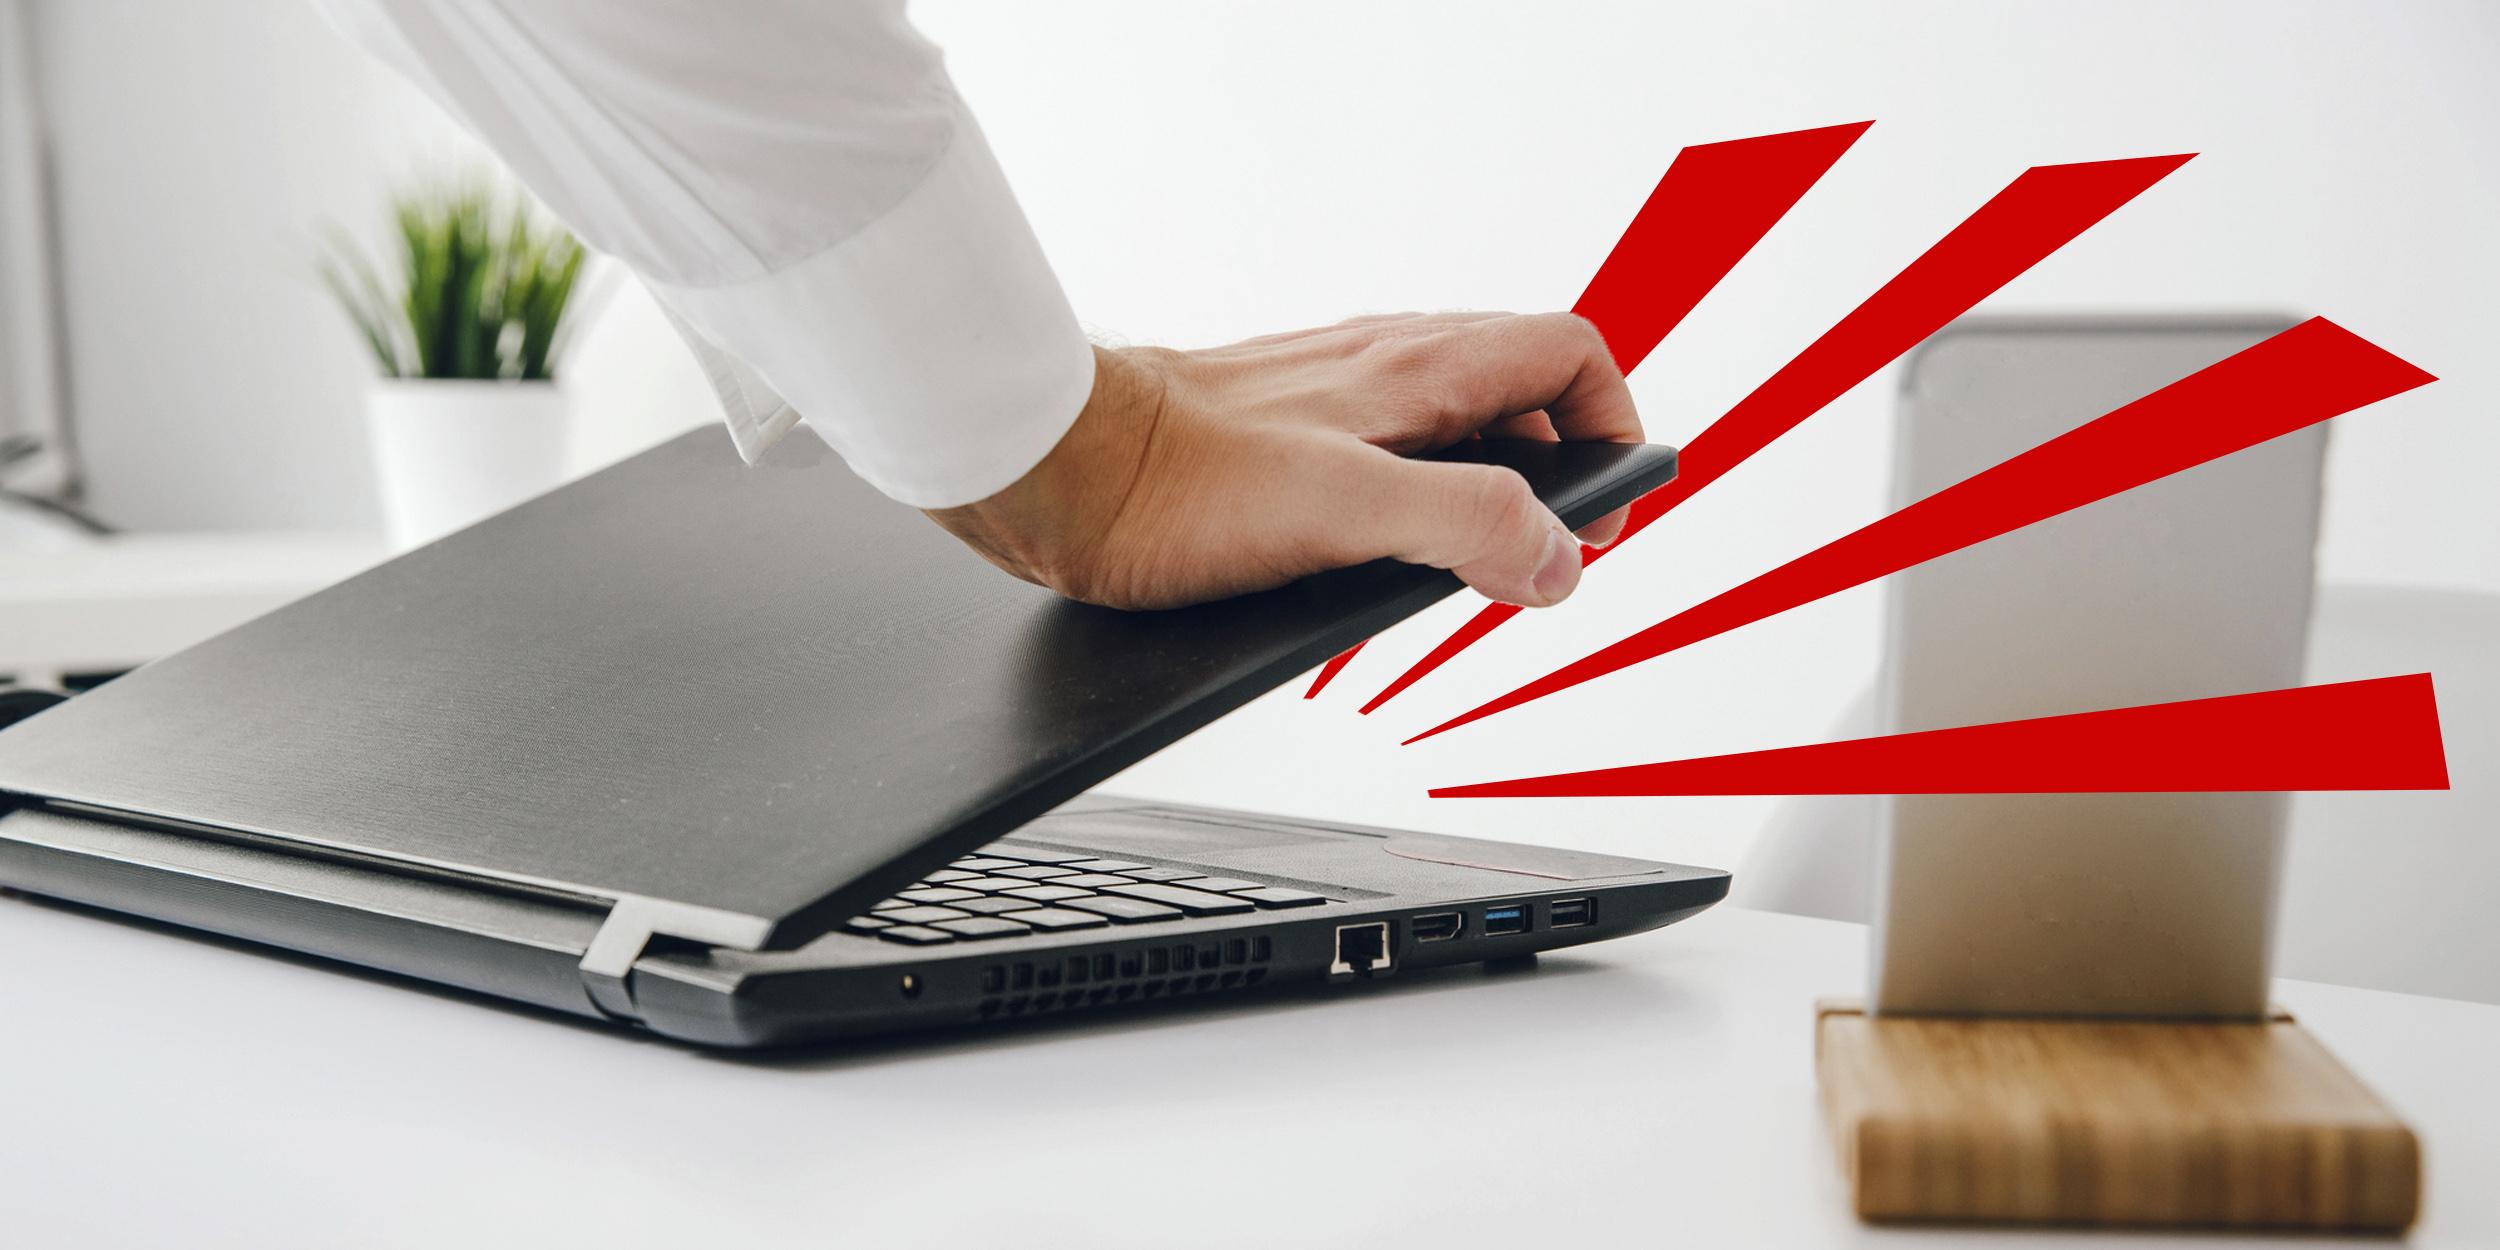 15 вредных привычек, способных убить ваш ноутбук